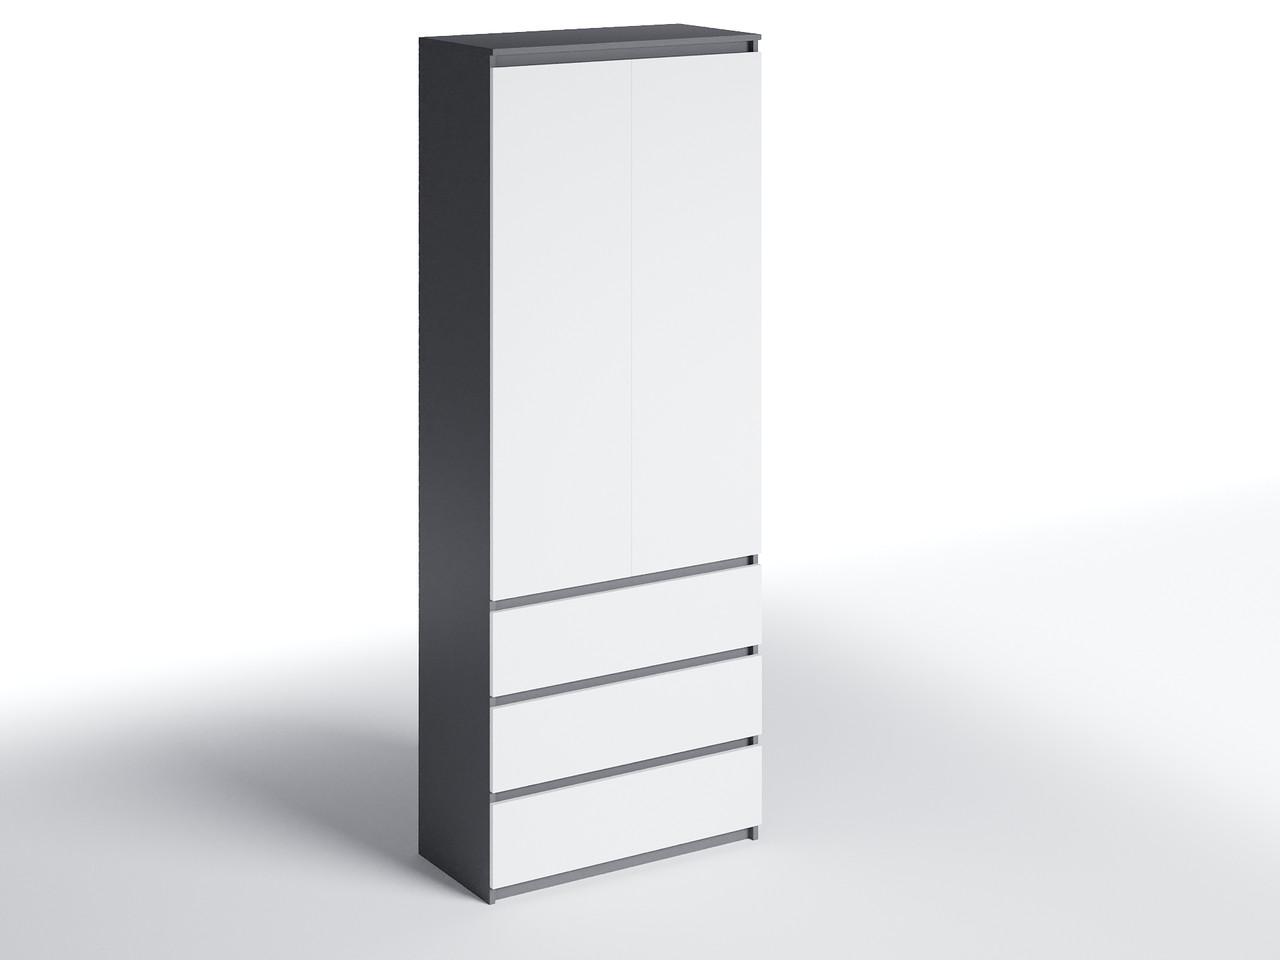 Шафа для одягу з 3 ящиками Антрацит/Білий